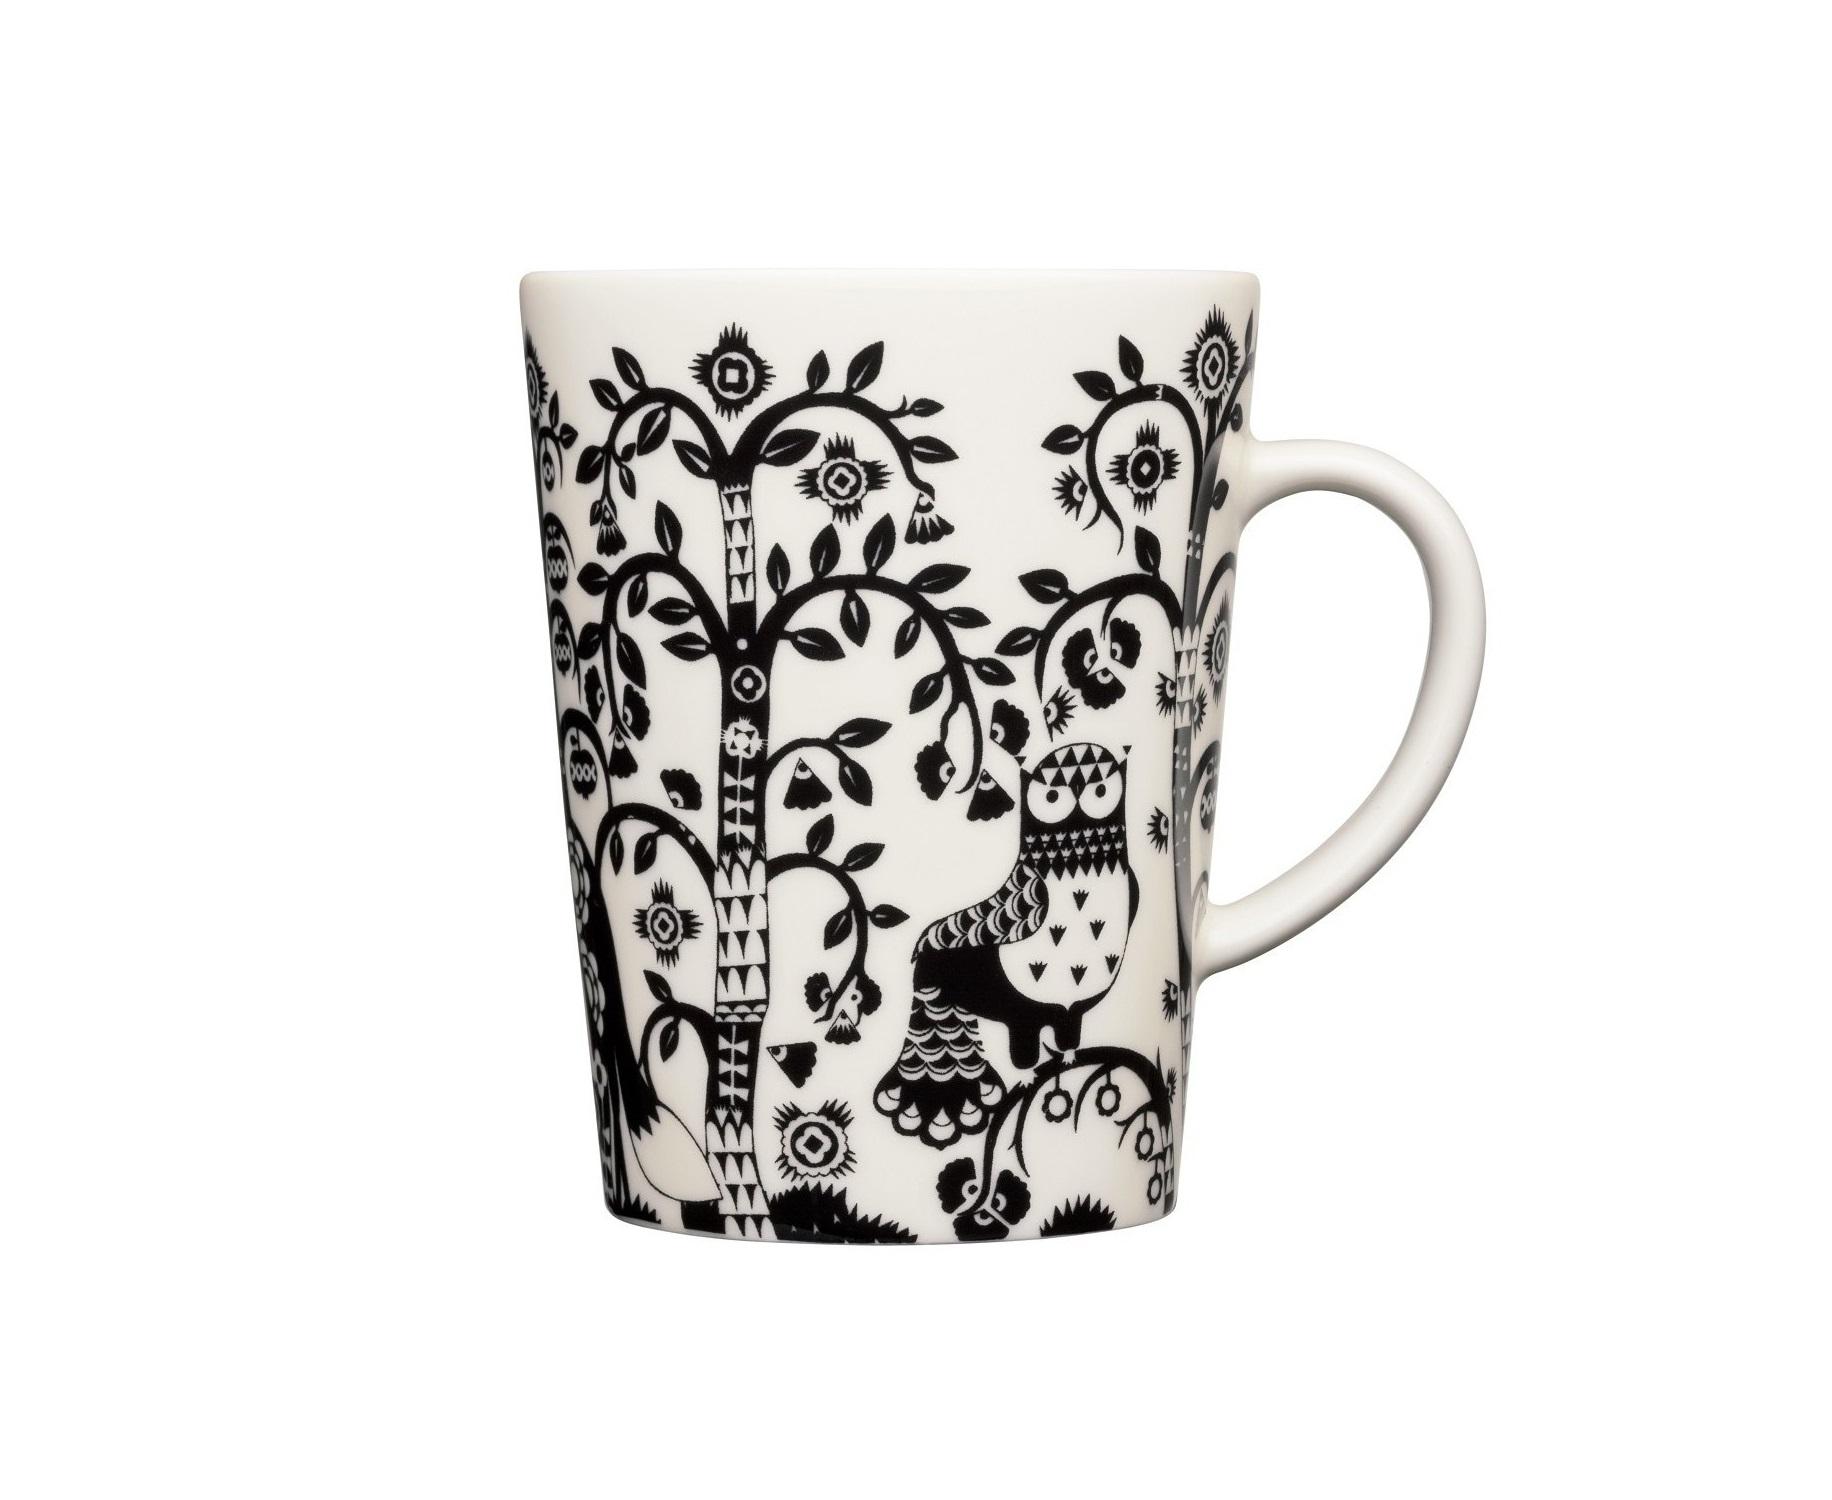 Чашка TaikaЧайные пары, чашки и кружки<br>На финском языке Taika означает «волшебство». Знаменитый финиский дизайнер и иллюстратор Klaus Haapaniemi хочет, чтобы его иллюстрации дали толчок вашему воображению. В сочетании с другими сериями Iittala, Taika позволяет прикоснуться к миру фантазии, впустить волшебство в нашу повседневную жизнь.<br><br>Material: Фарфор<br>Length см: None<br>Width см: 12<br>Depth см: 9<br>Height см: 11<br>Diameter см: None